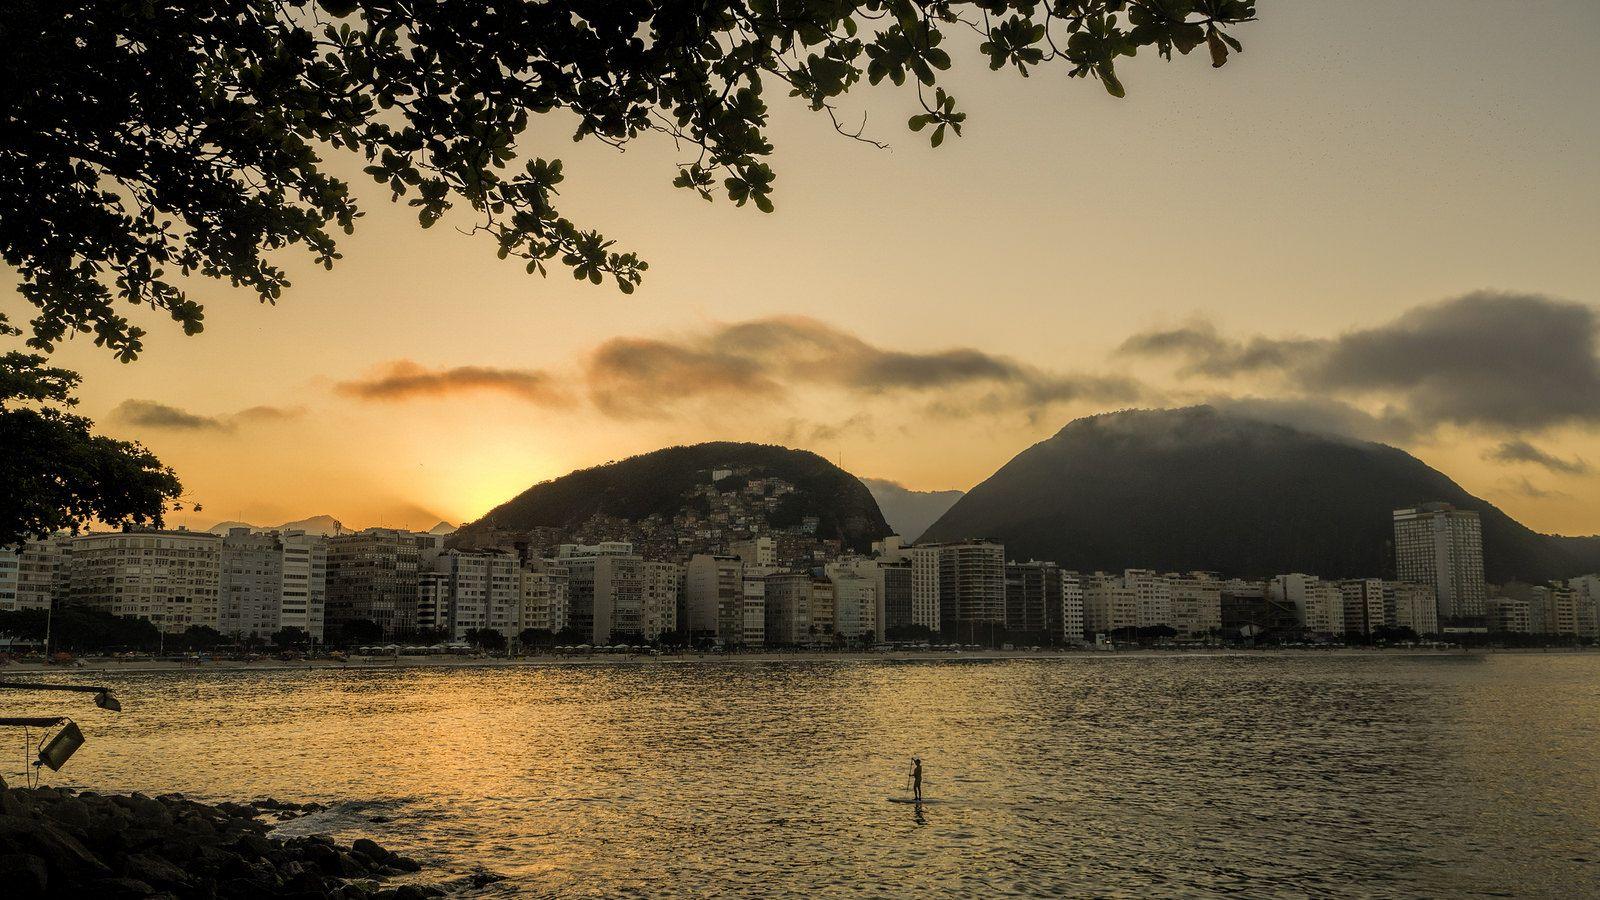 https://flic.kr/p/uySS9B   Um maravilhoso pôr-do-sol... Copacabana, Rio de Janeiro, Brasil.   A wonderful sunset at Copacabana...  Rio de Janeiro, Brazil. Have a great day! :-D  <u><i>To direct contact me / Para me contactar diretamente:</i> </u><b>lmsmartinsx@yahoo.com.br</b>